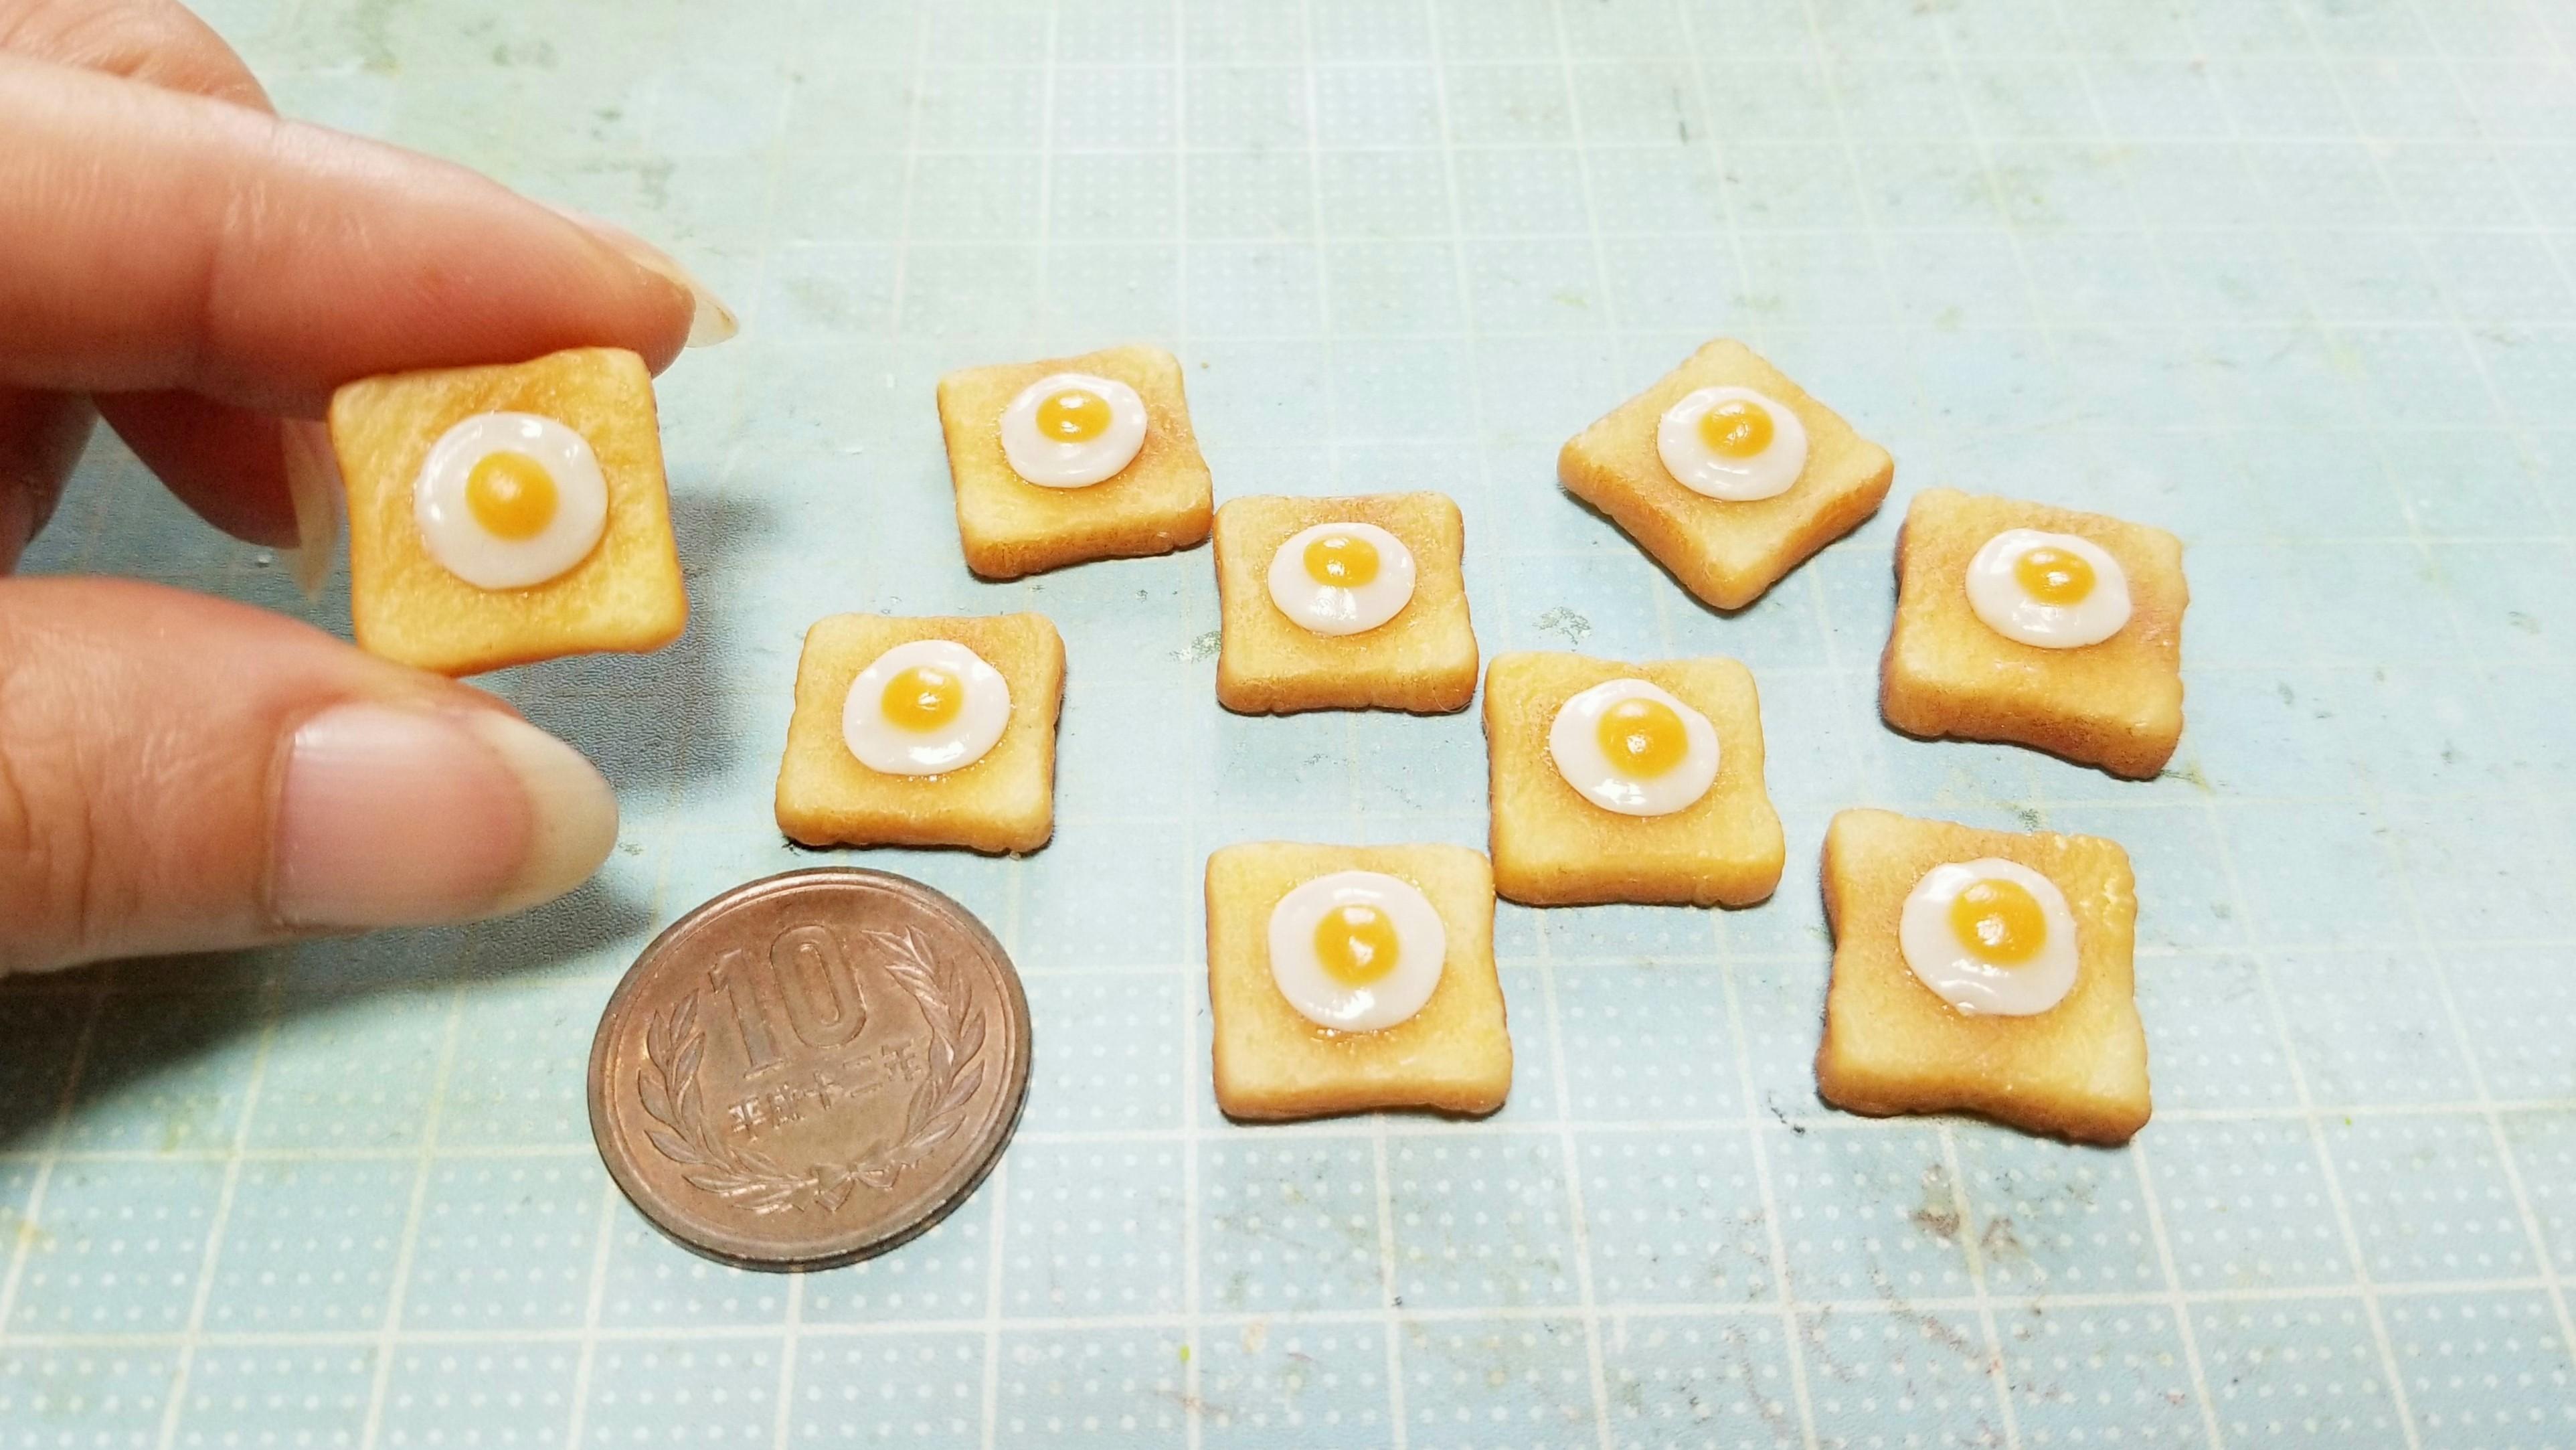 ミニチュアフード美味しそうな目玉焼きトーストレシピ樹脂粘土小物